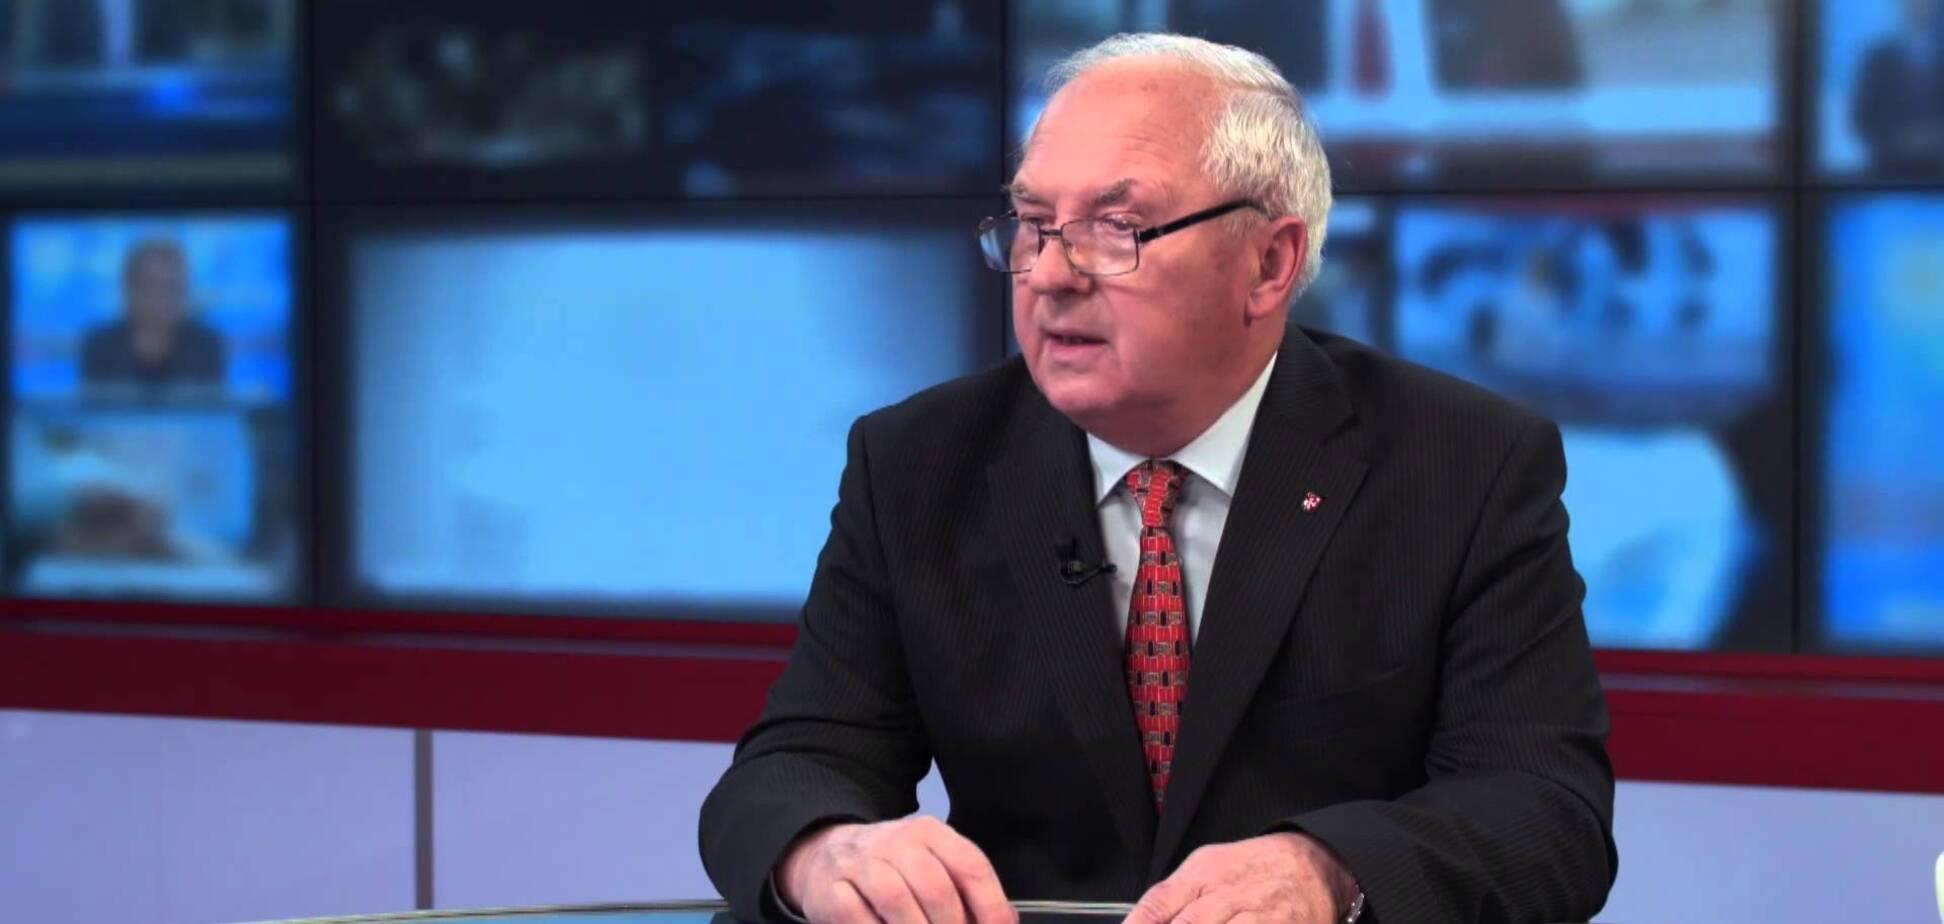 'Це не привід шматувати Україну': генерал висловився щодо мов нацменшин